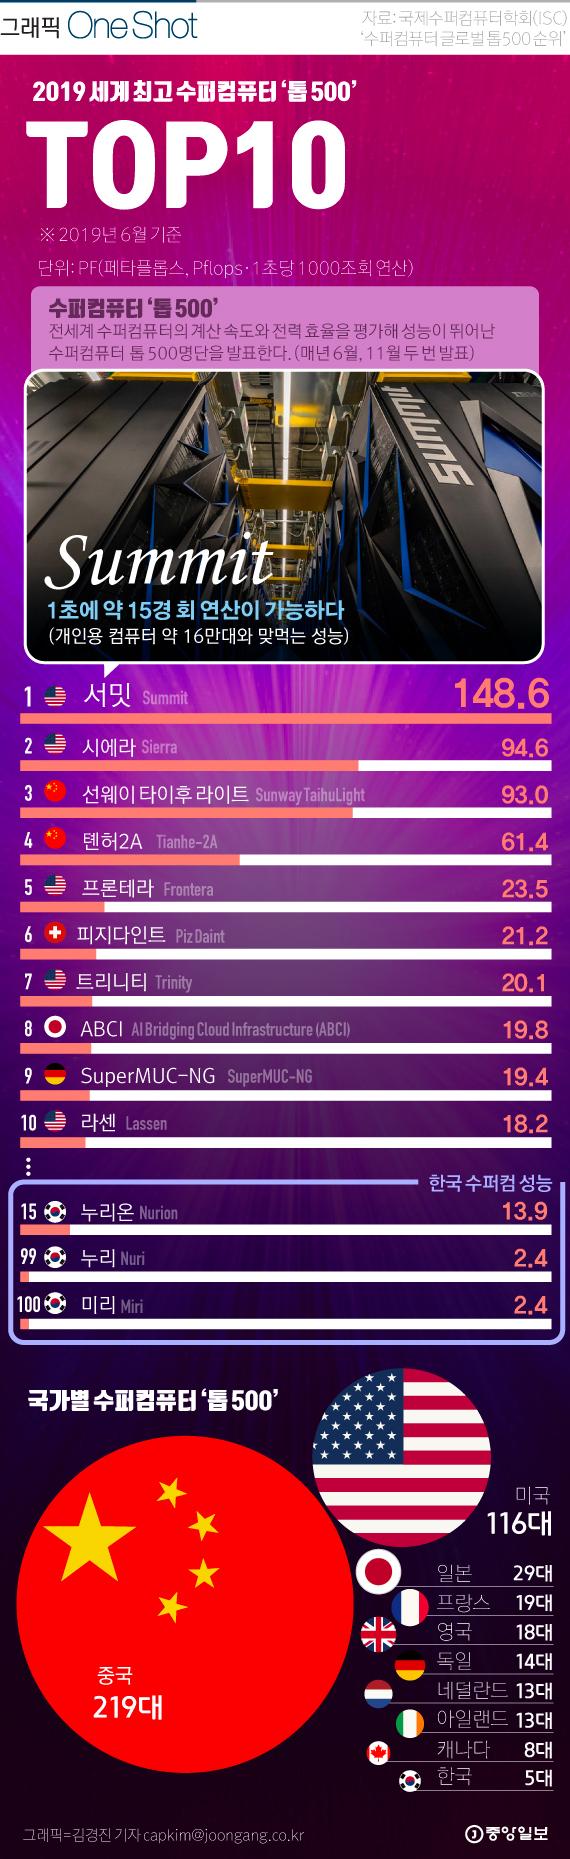 세계 최고의 수퍼 컴퓨터 TOP 500